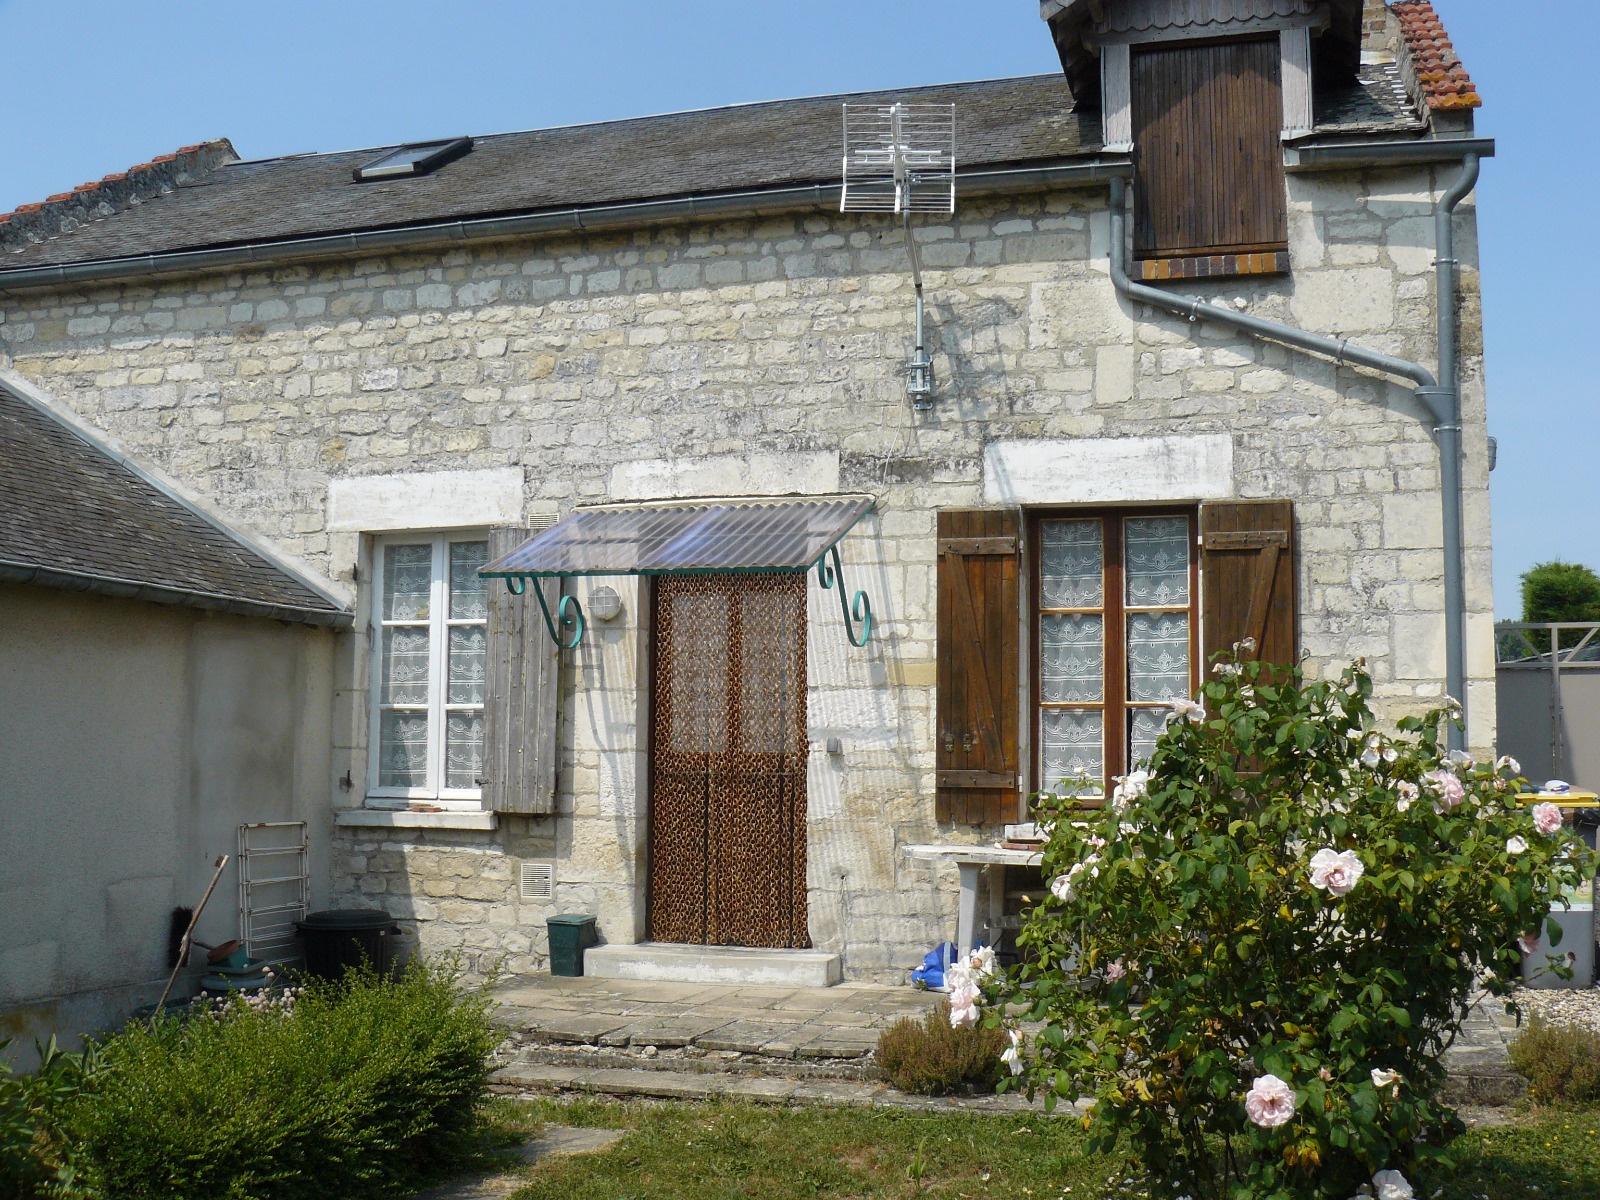 Vente maison de village for Restaurant le jardin 02190 neufchatel sur aisne